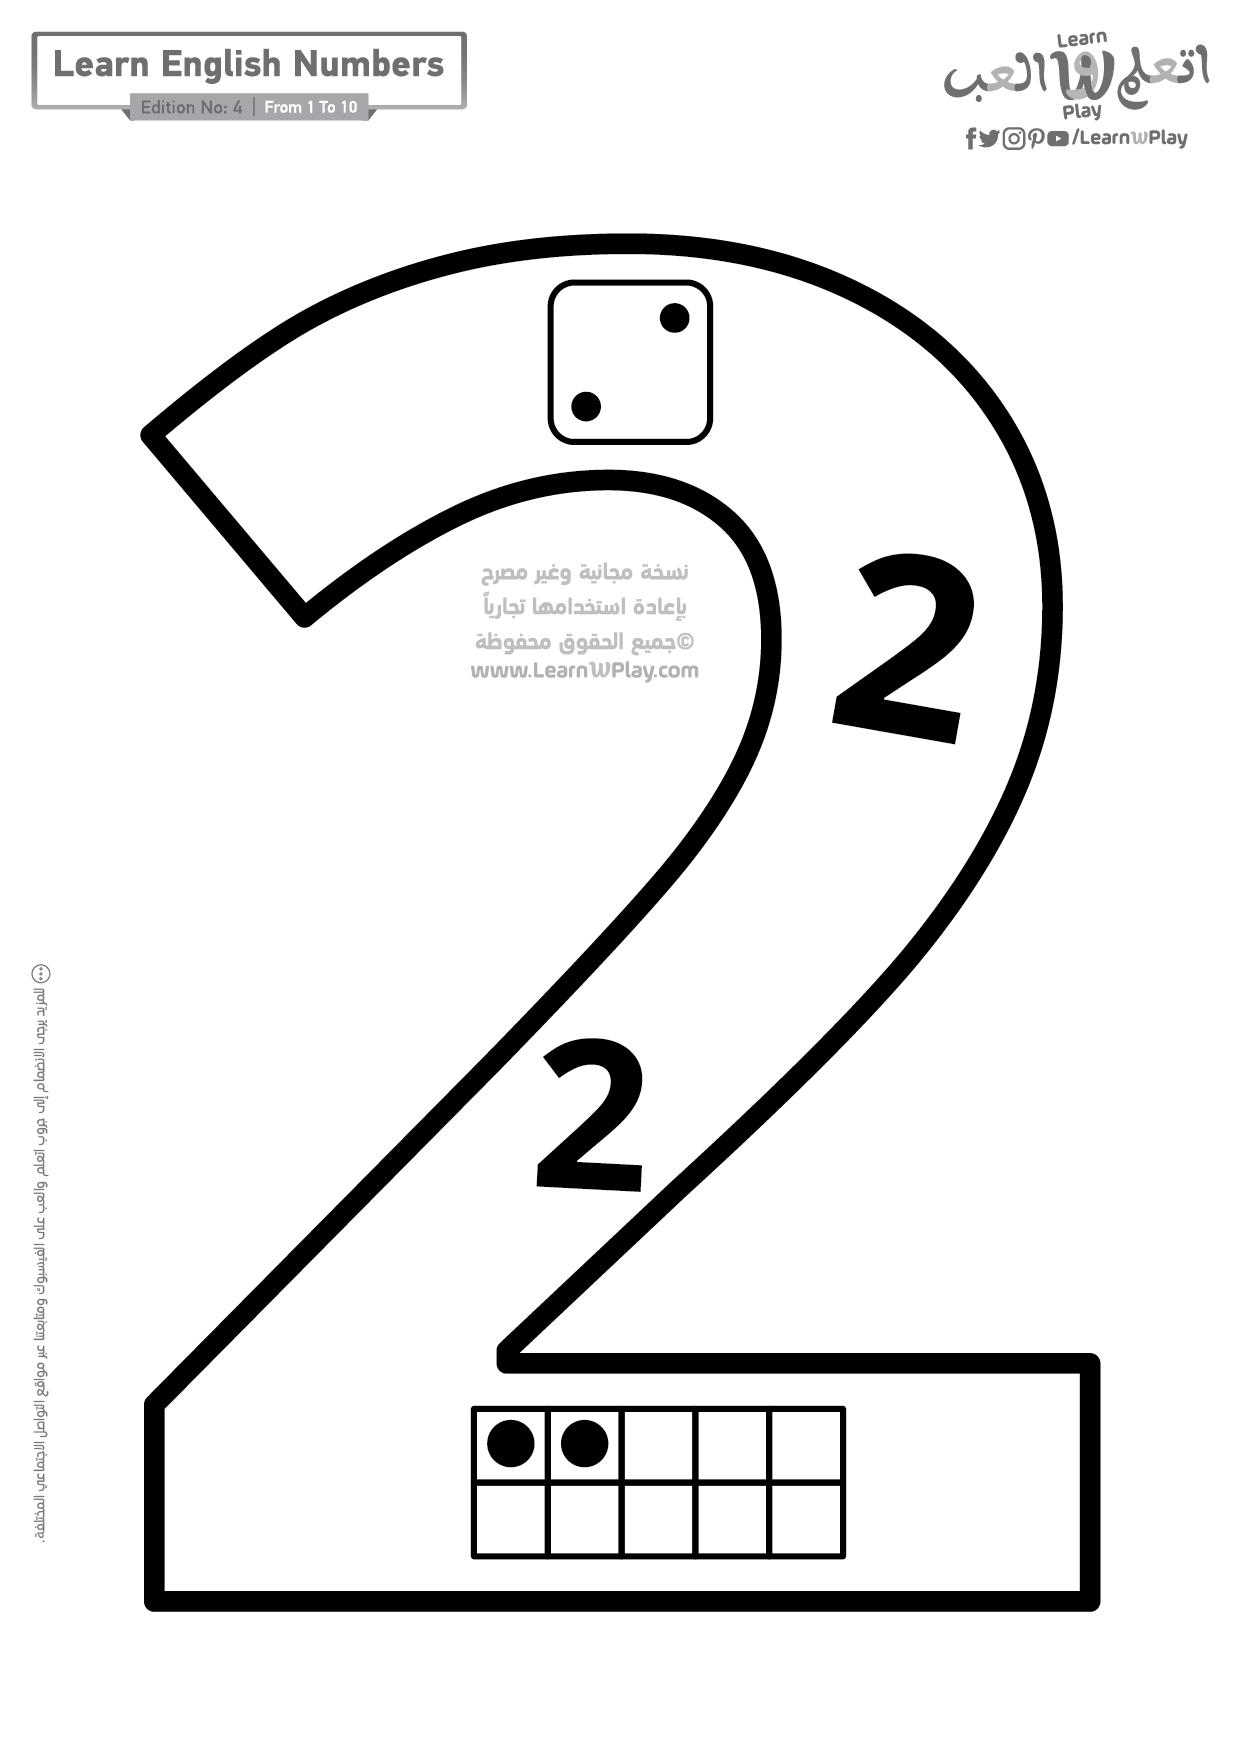 أوراق عمل جاهزة للطباعة لتعليم الأرقام الإنجليزية للأطفال